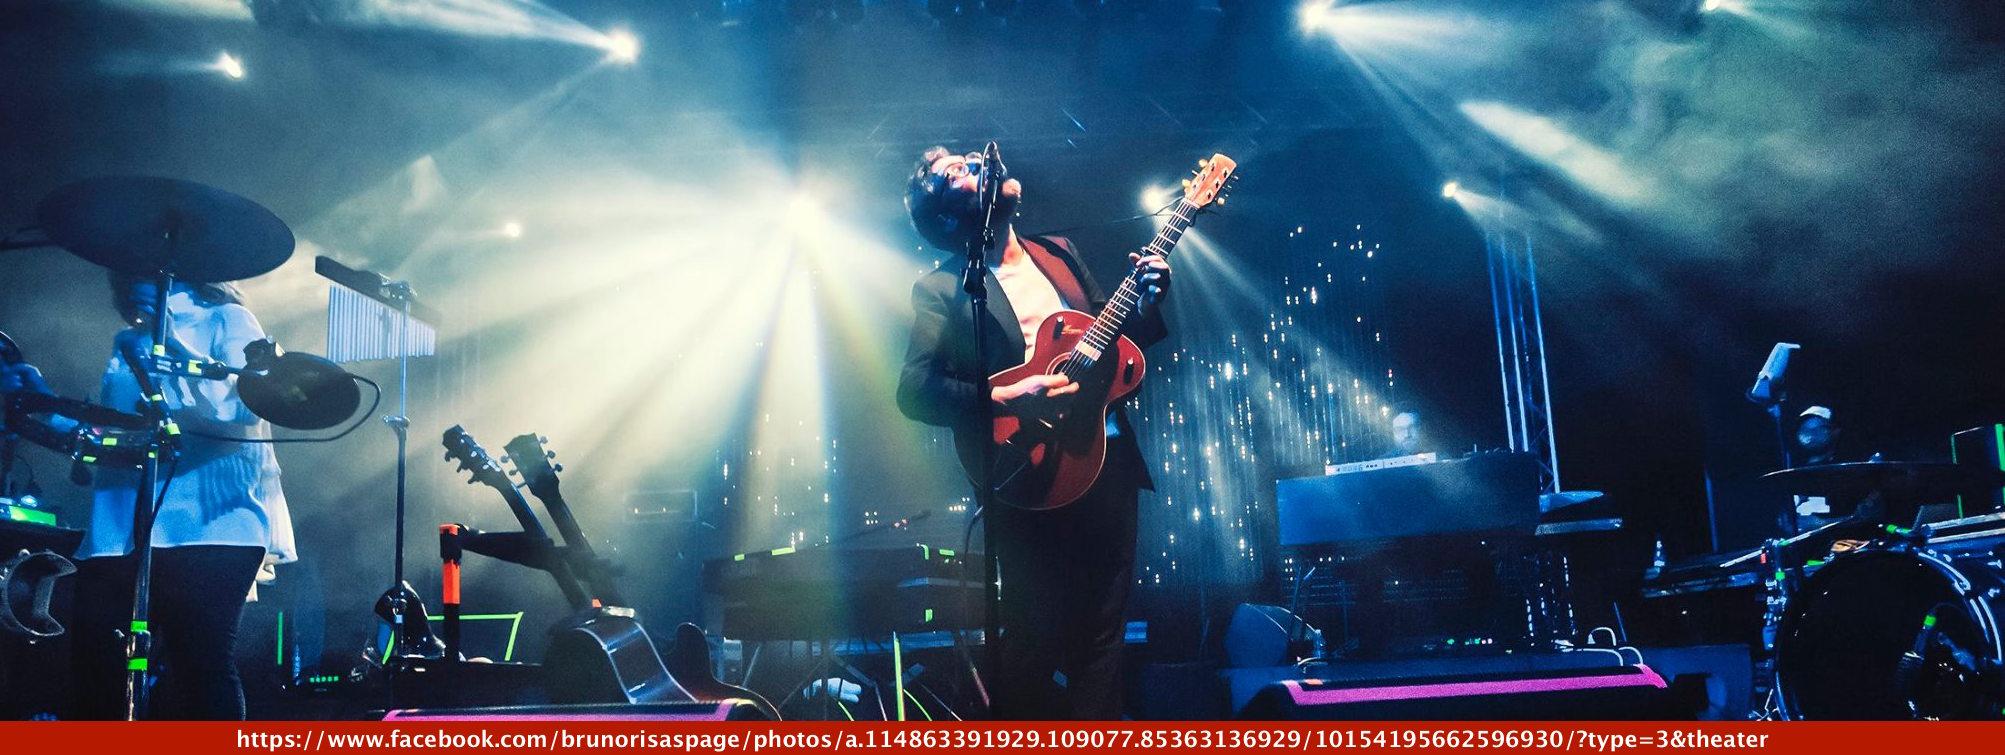 BRUNORI SAS – A CASA TUTTO BENE TOUR 2017